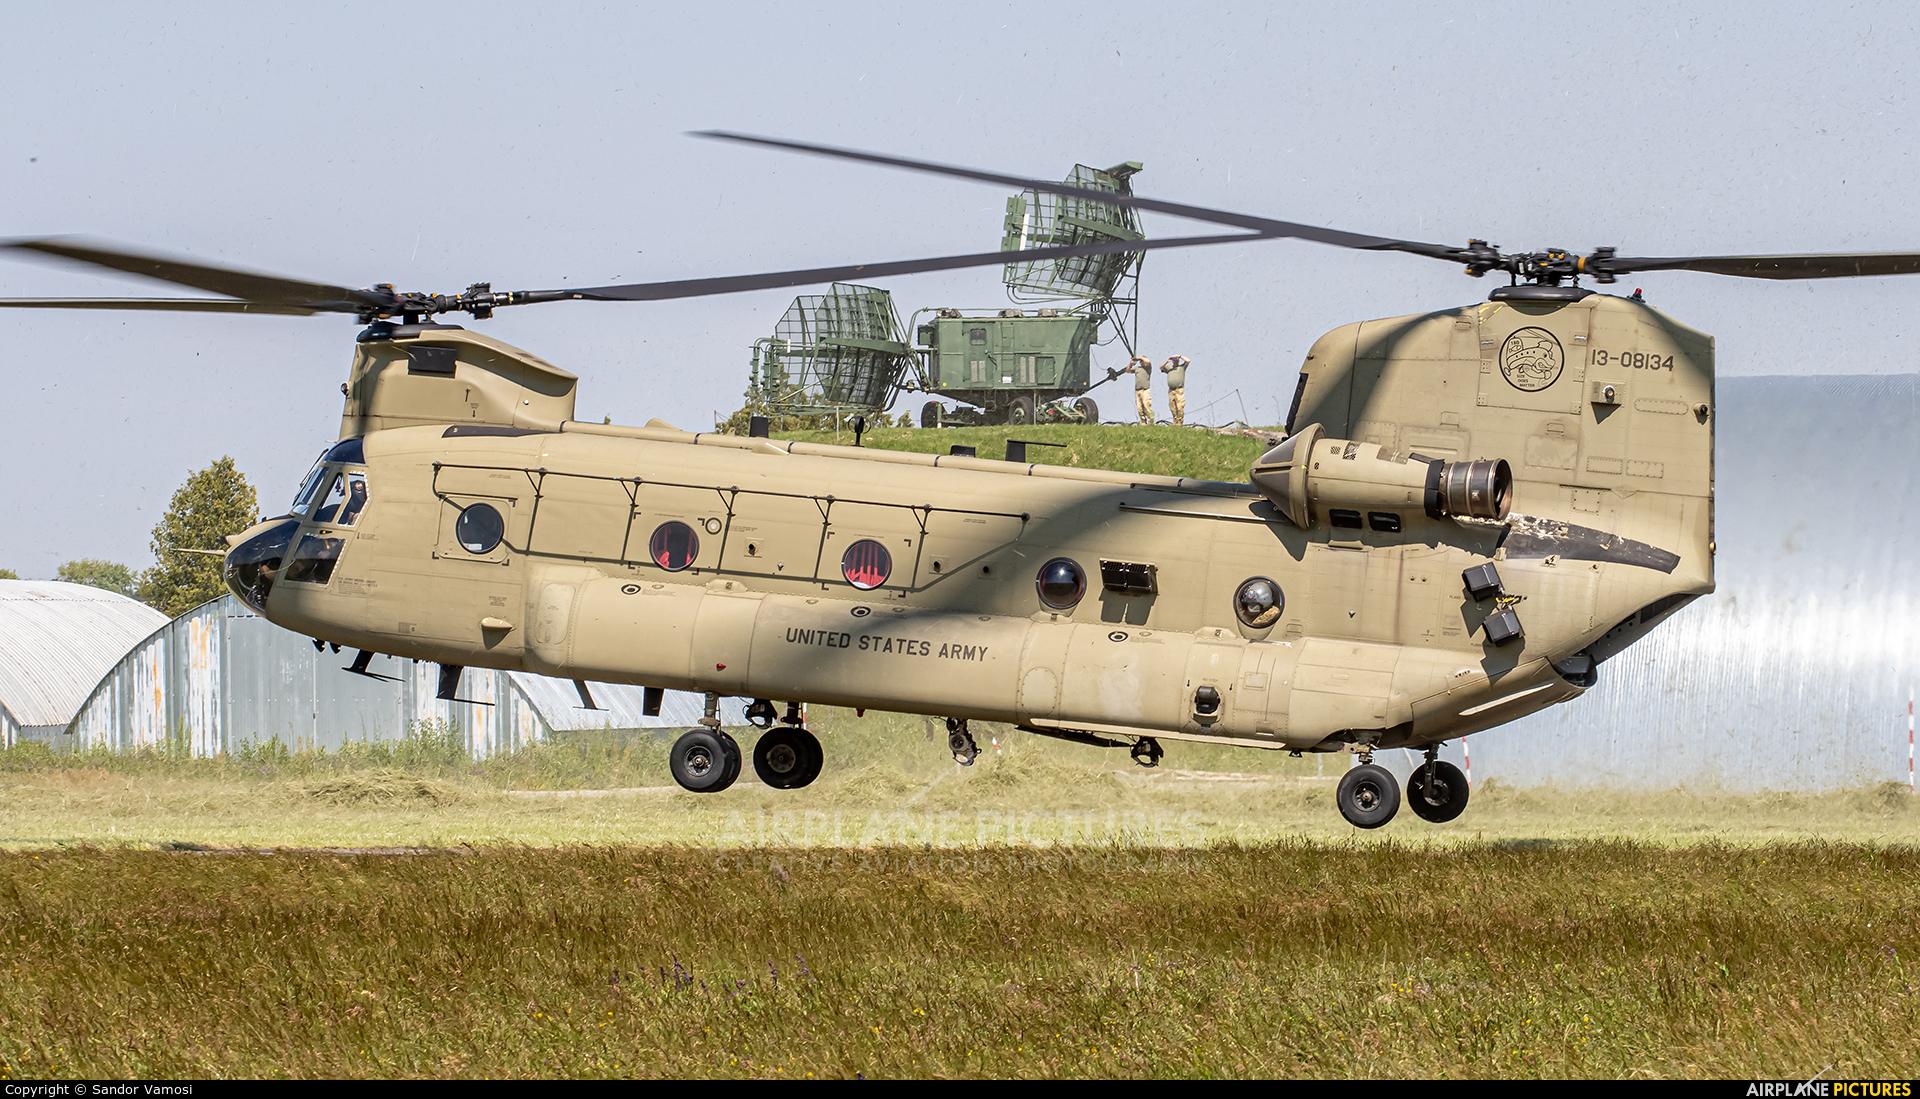 USA - Army 13-08134 aircraft at Kaposújlak